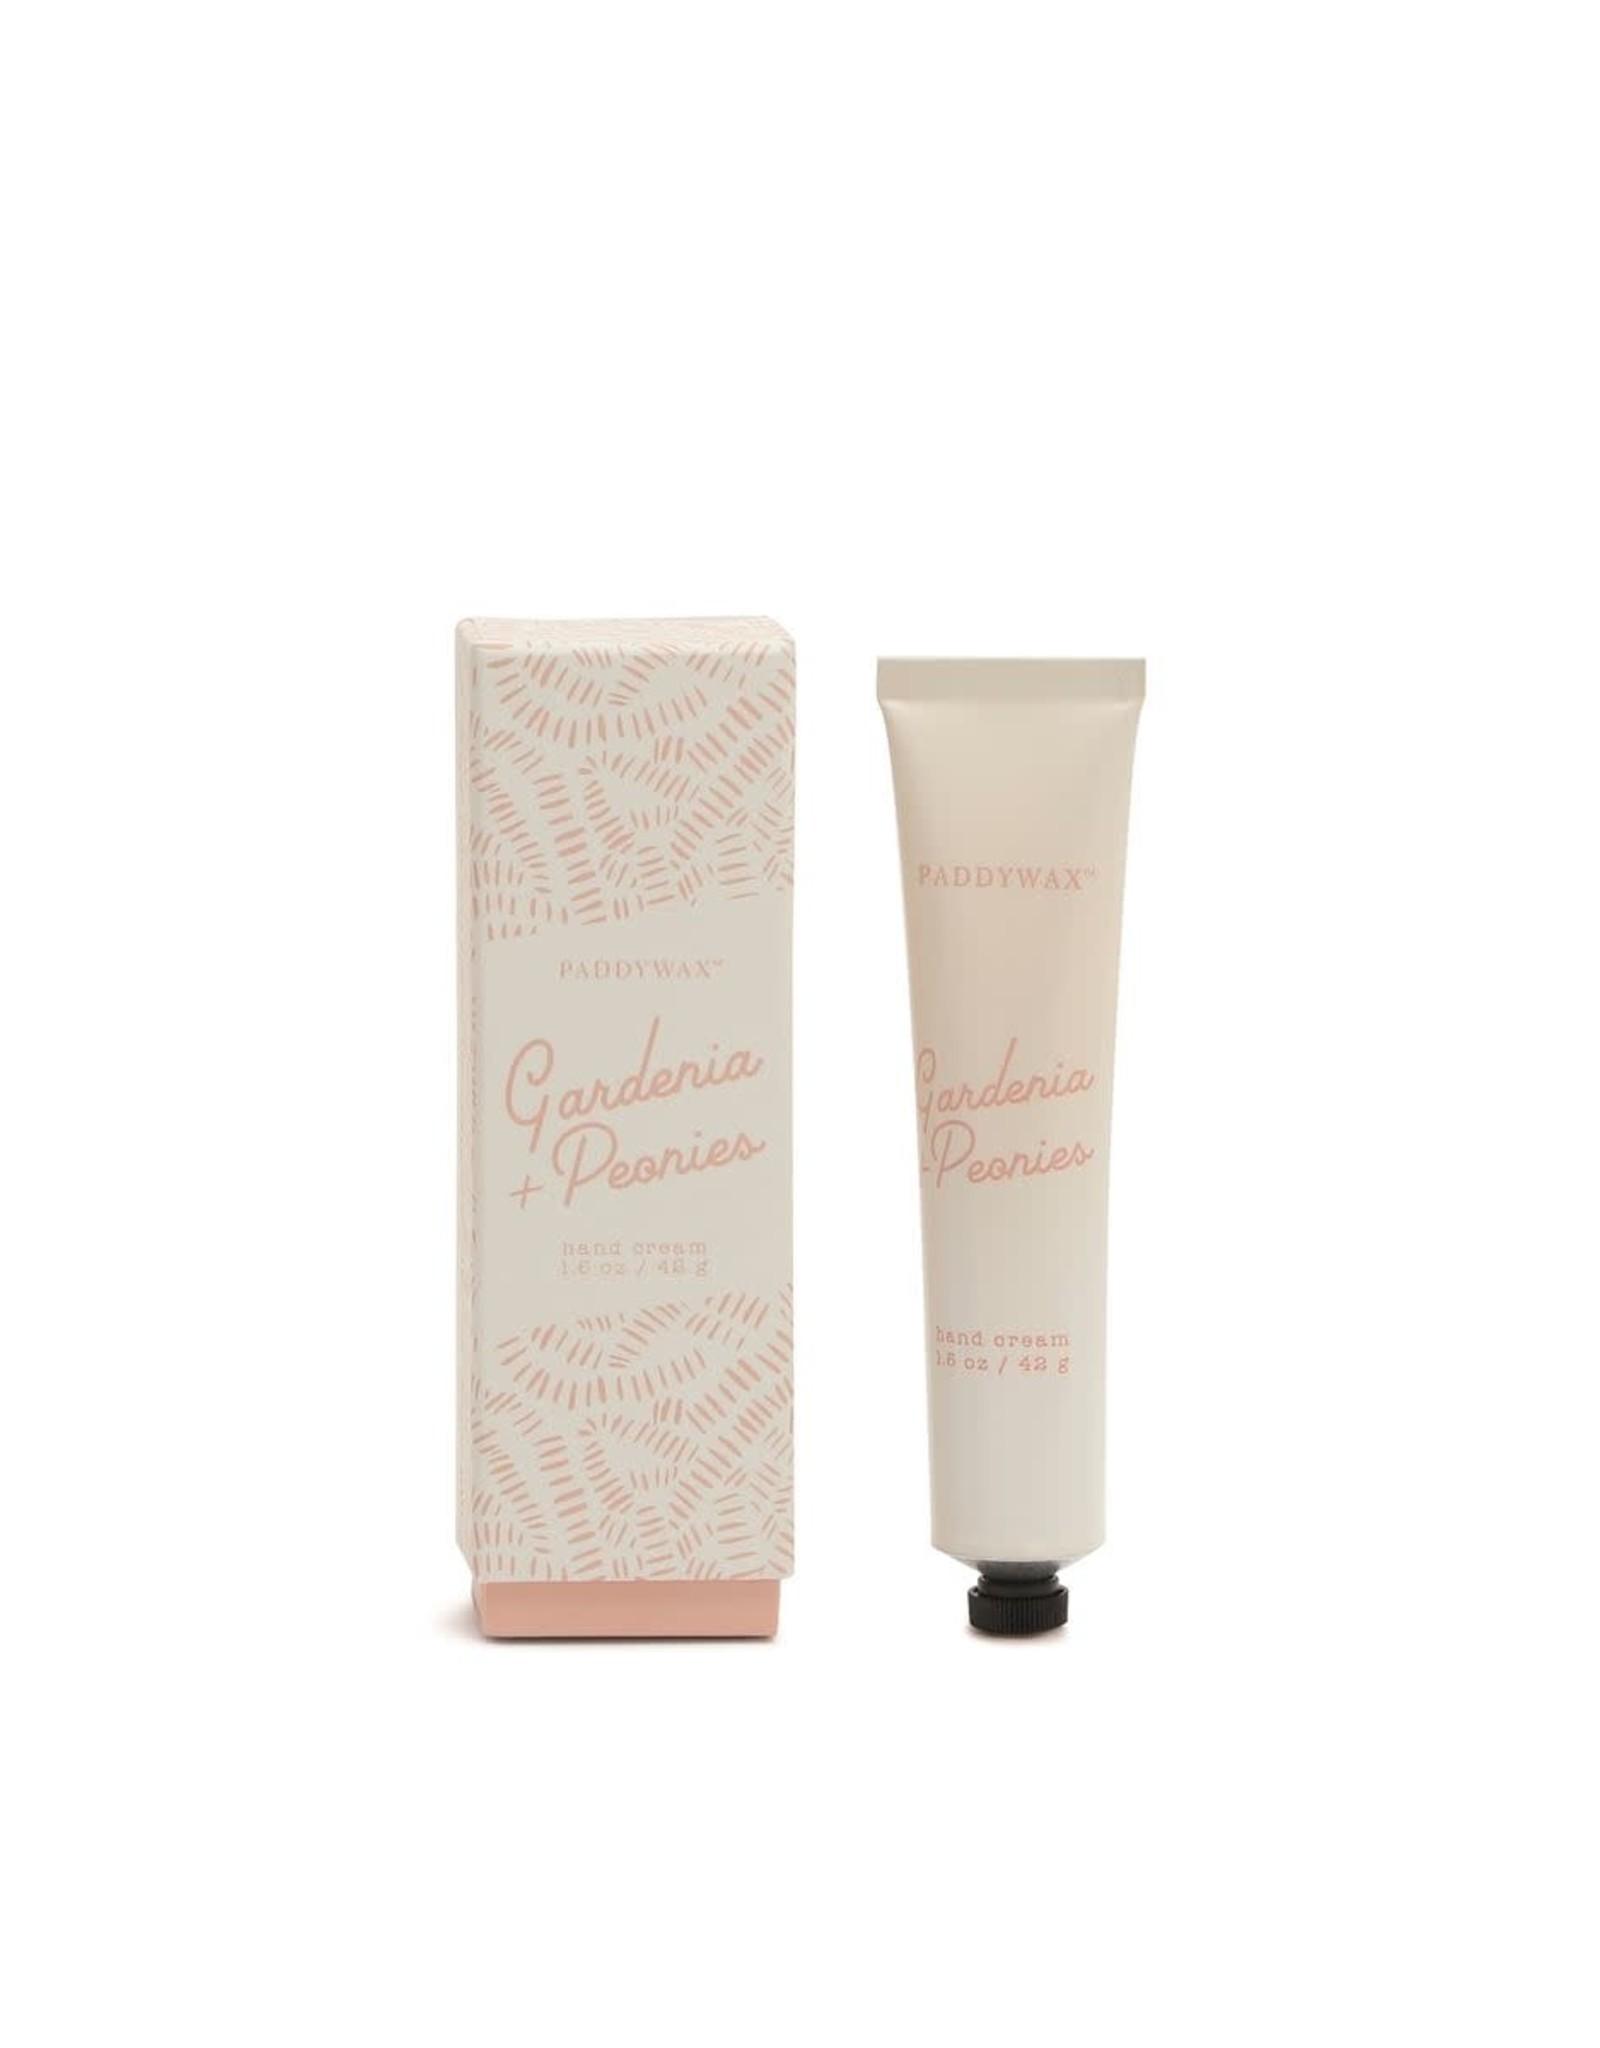 Hand Cream - Gardenia and Peonies